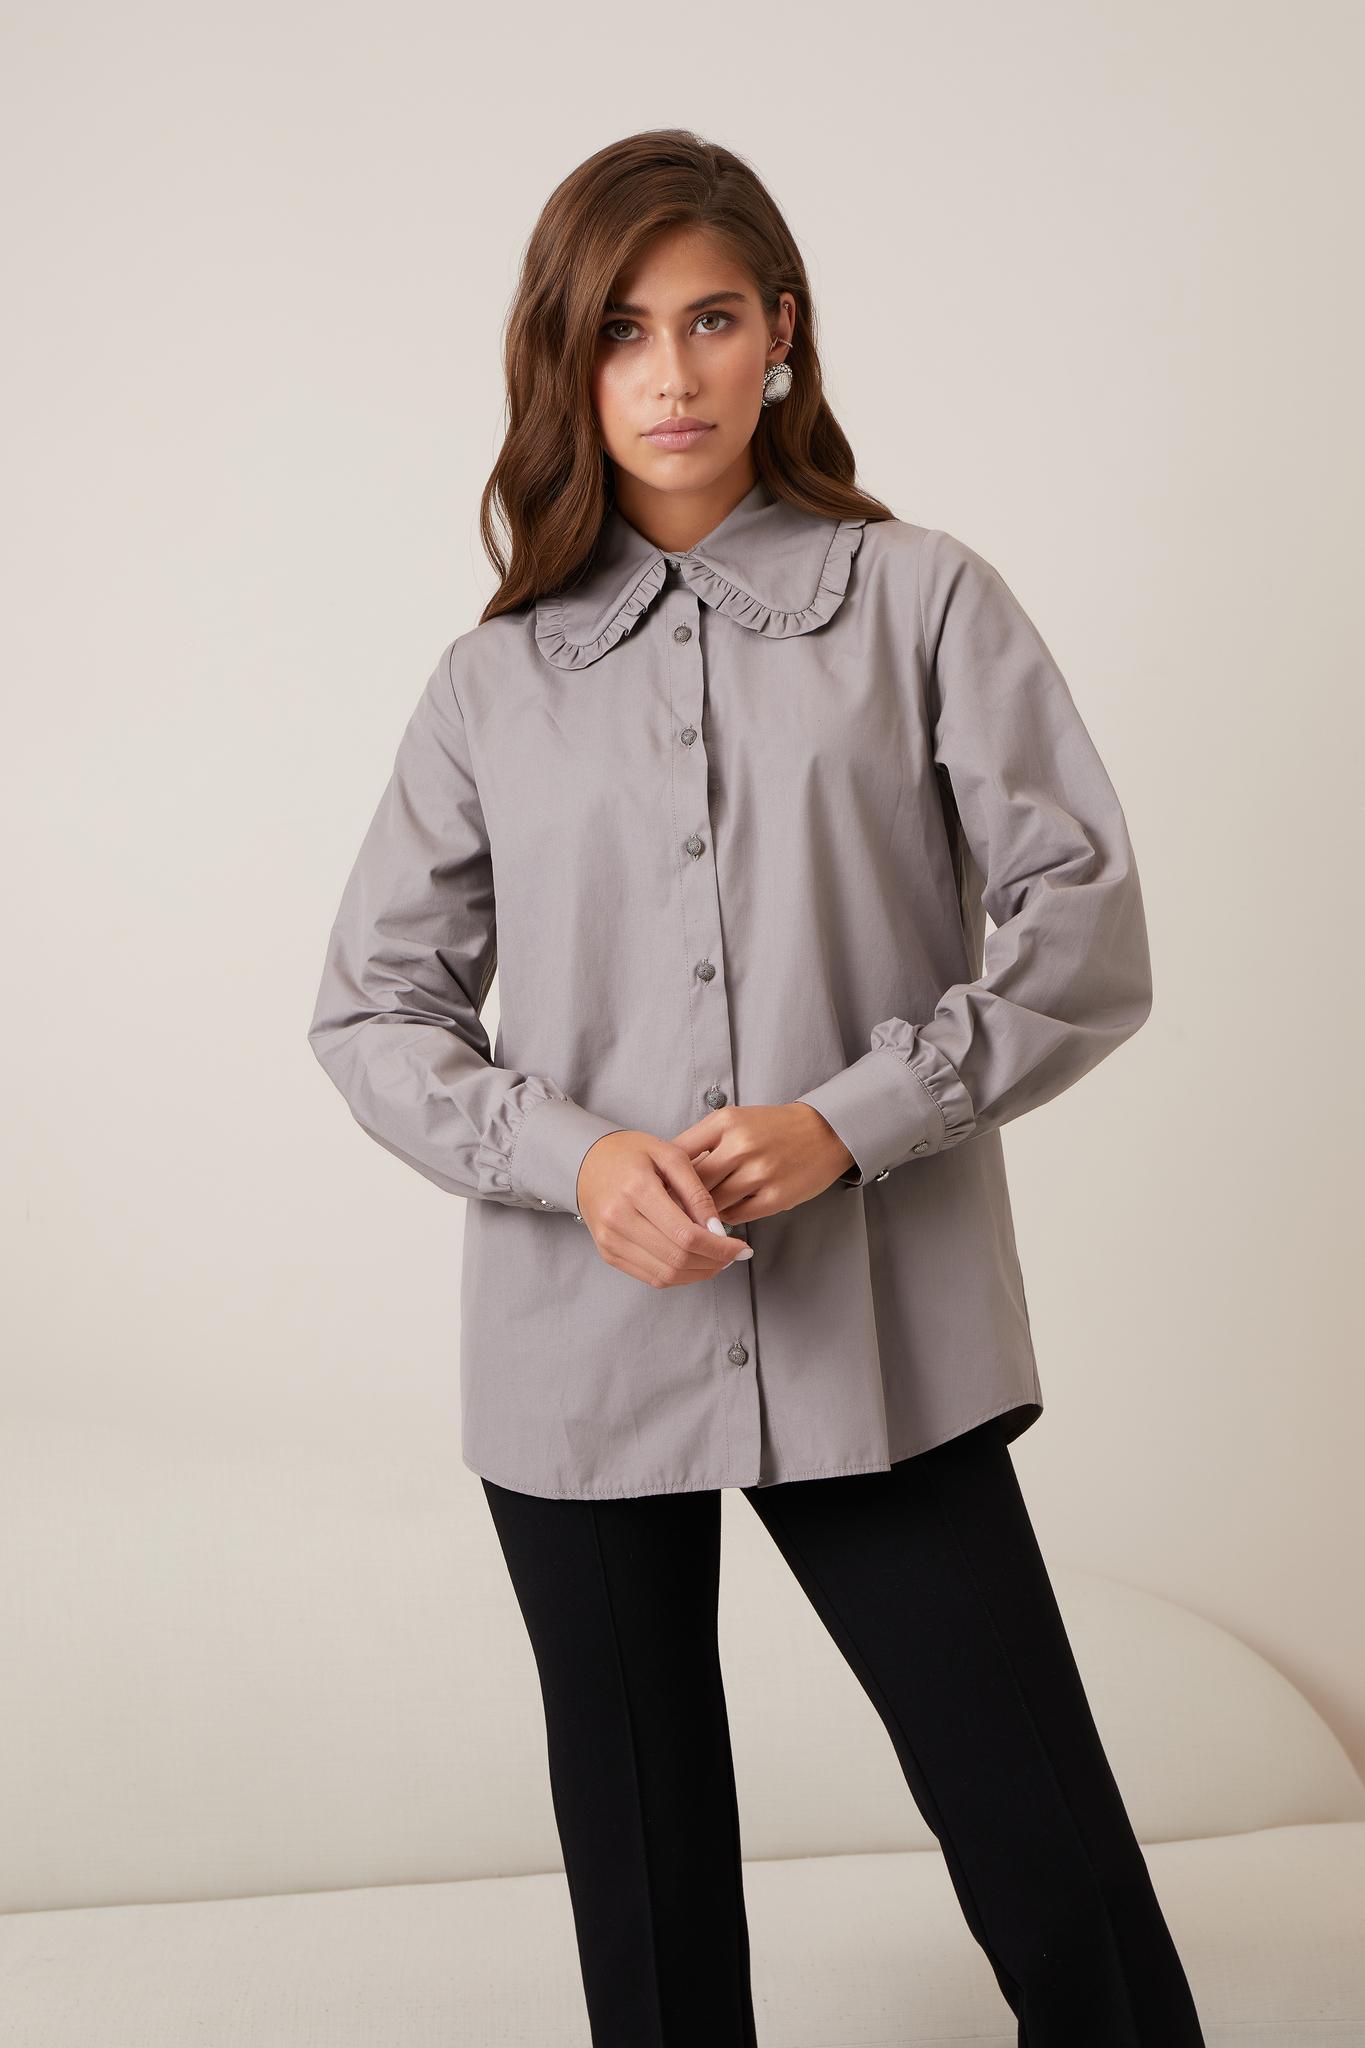 Рубашка с рюшами на воротнике и манжетах (серый)